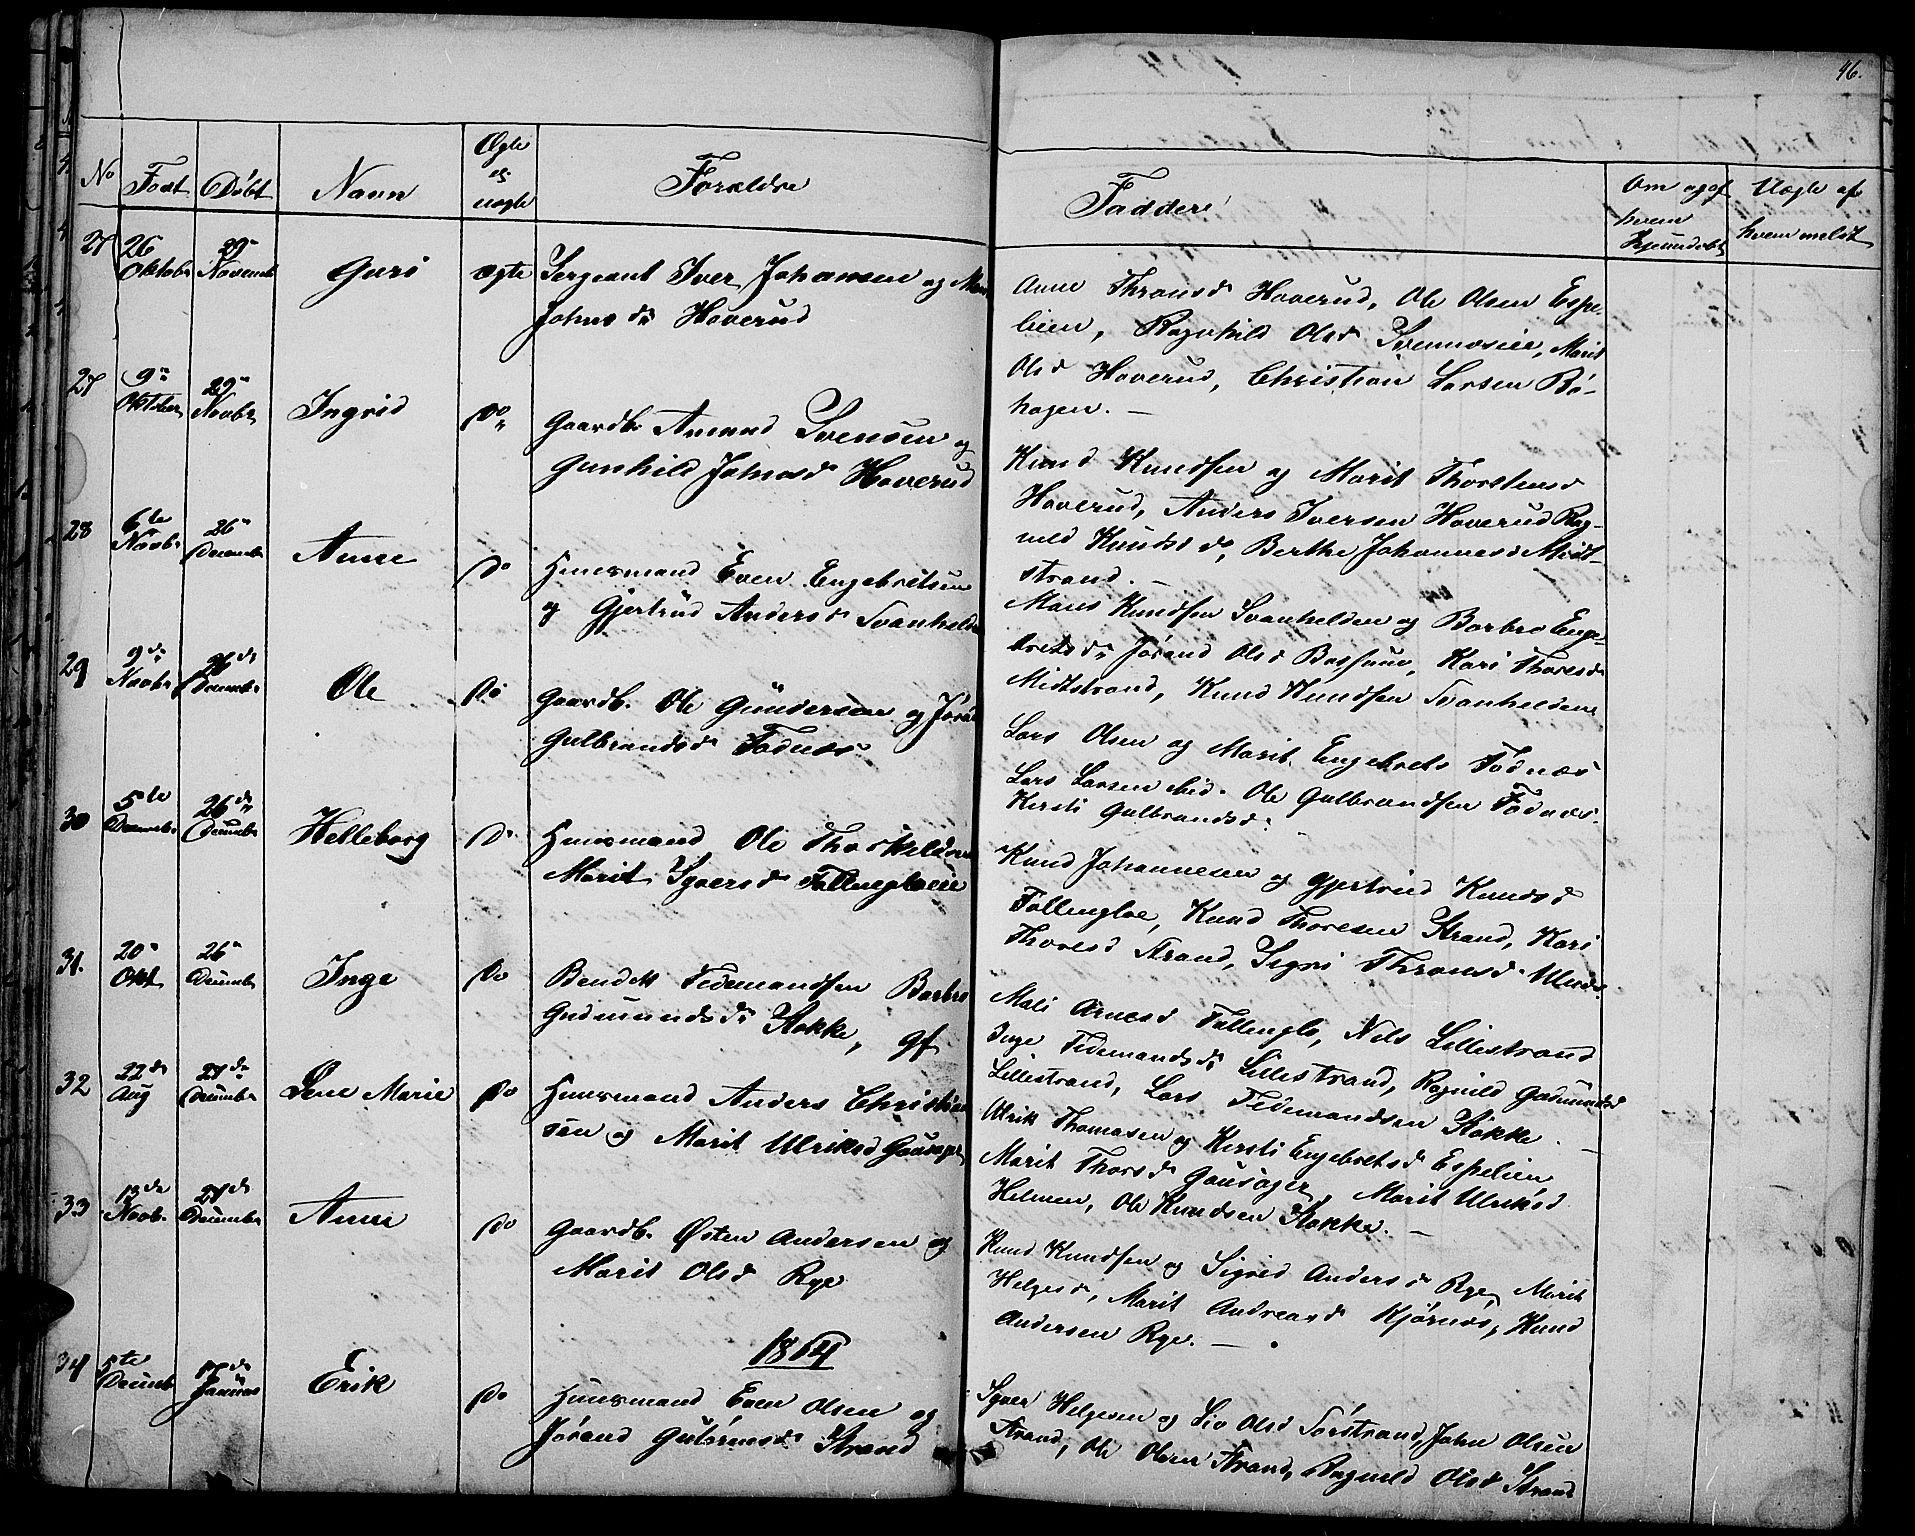 SAH, Nord-Aurdal prestekontor, Klokkerbok nr. 3, 1842-1882, s. 46